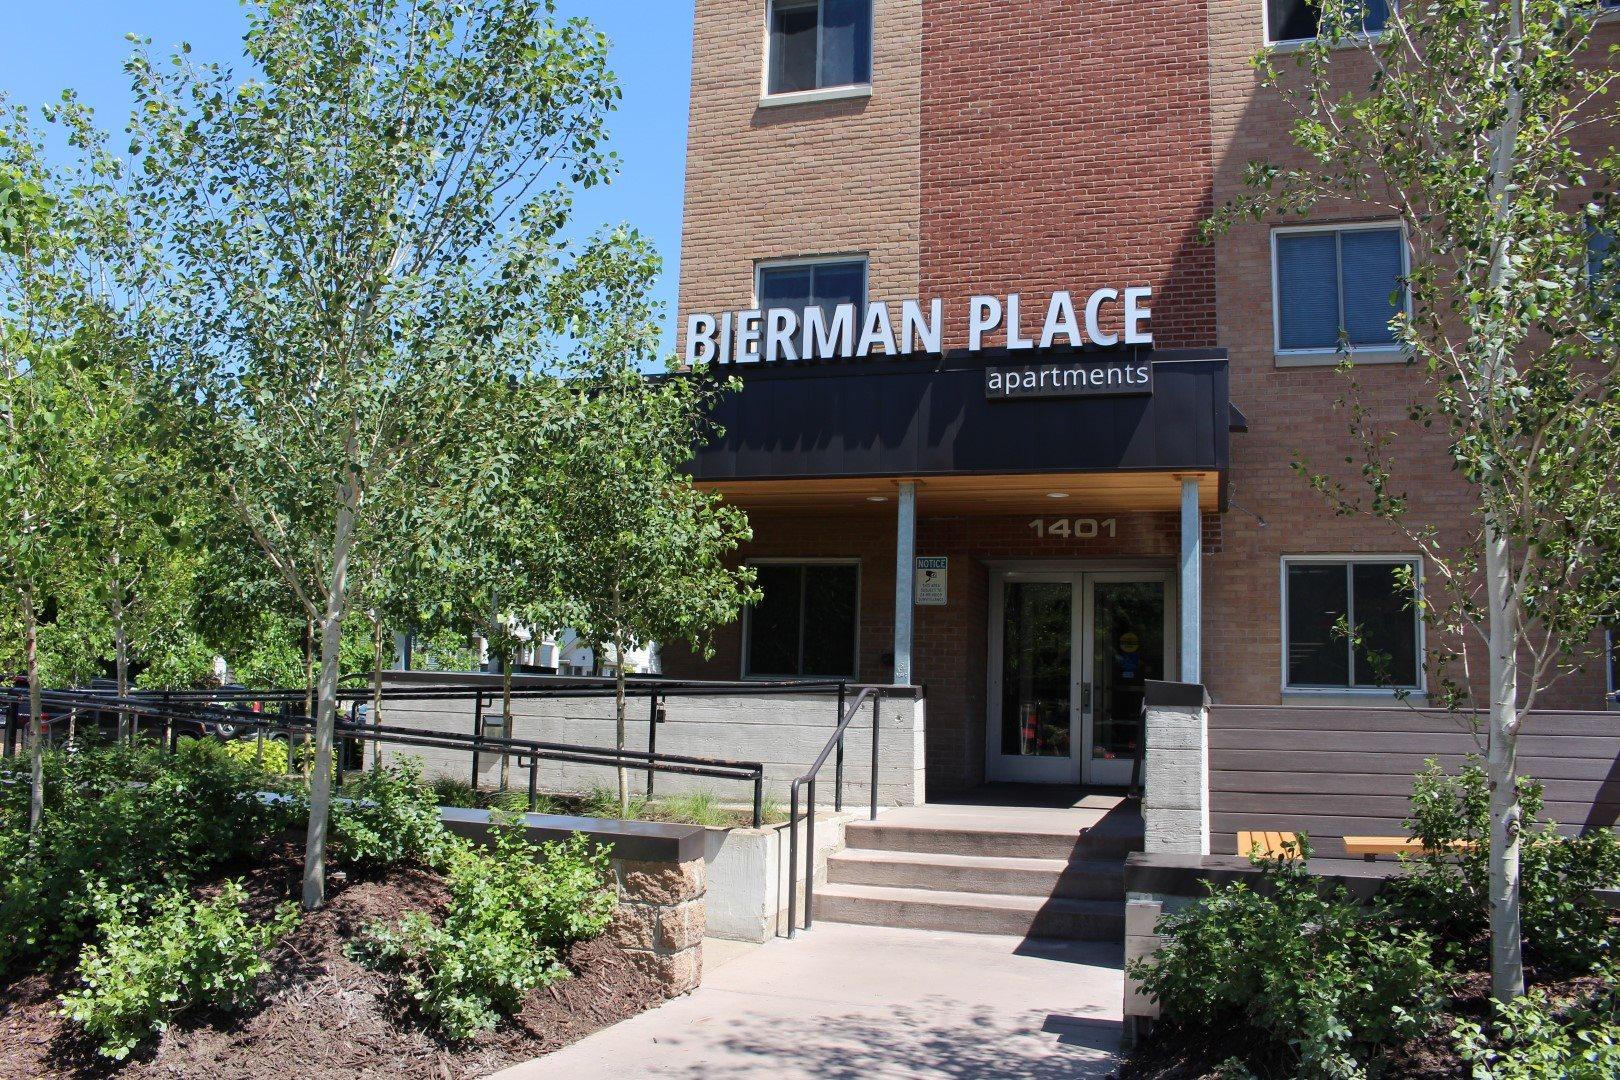 Bierman Place Apartments image 0